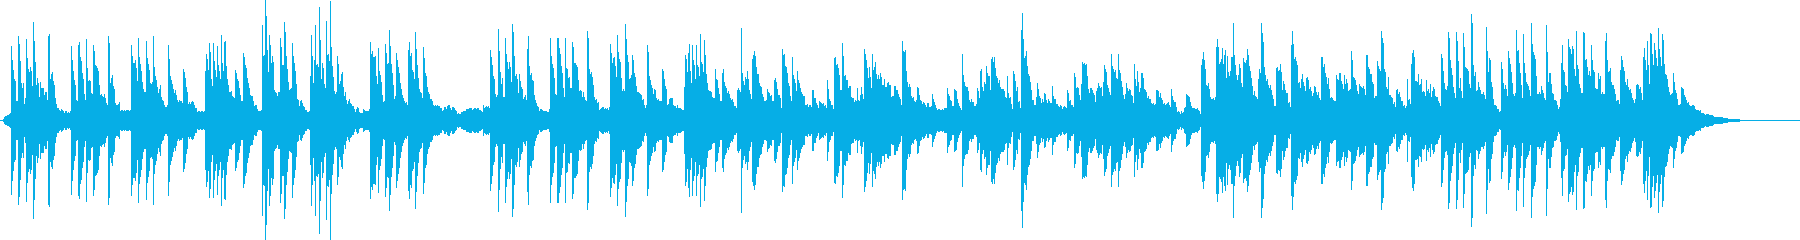 アコースティックピアノとアコーステ...の再生済みの波形